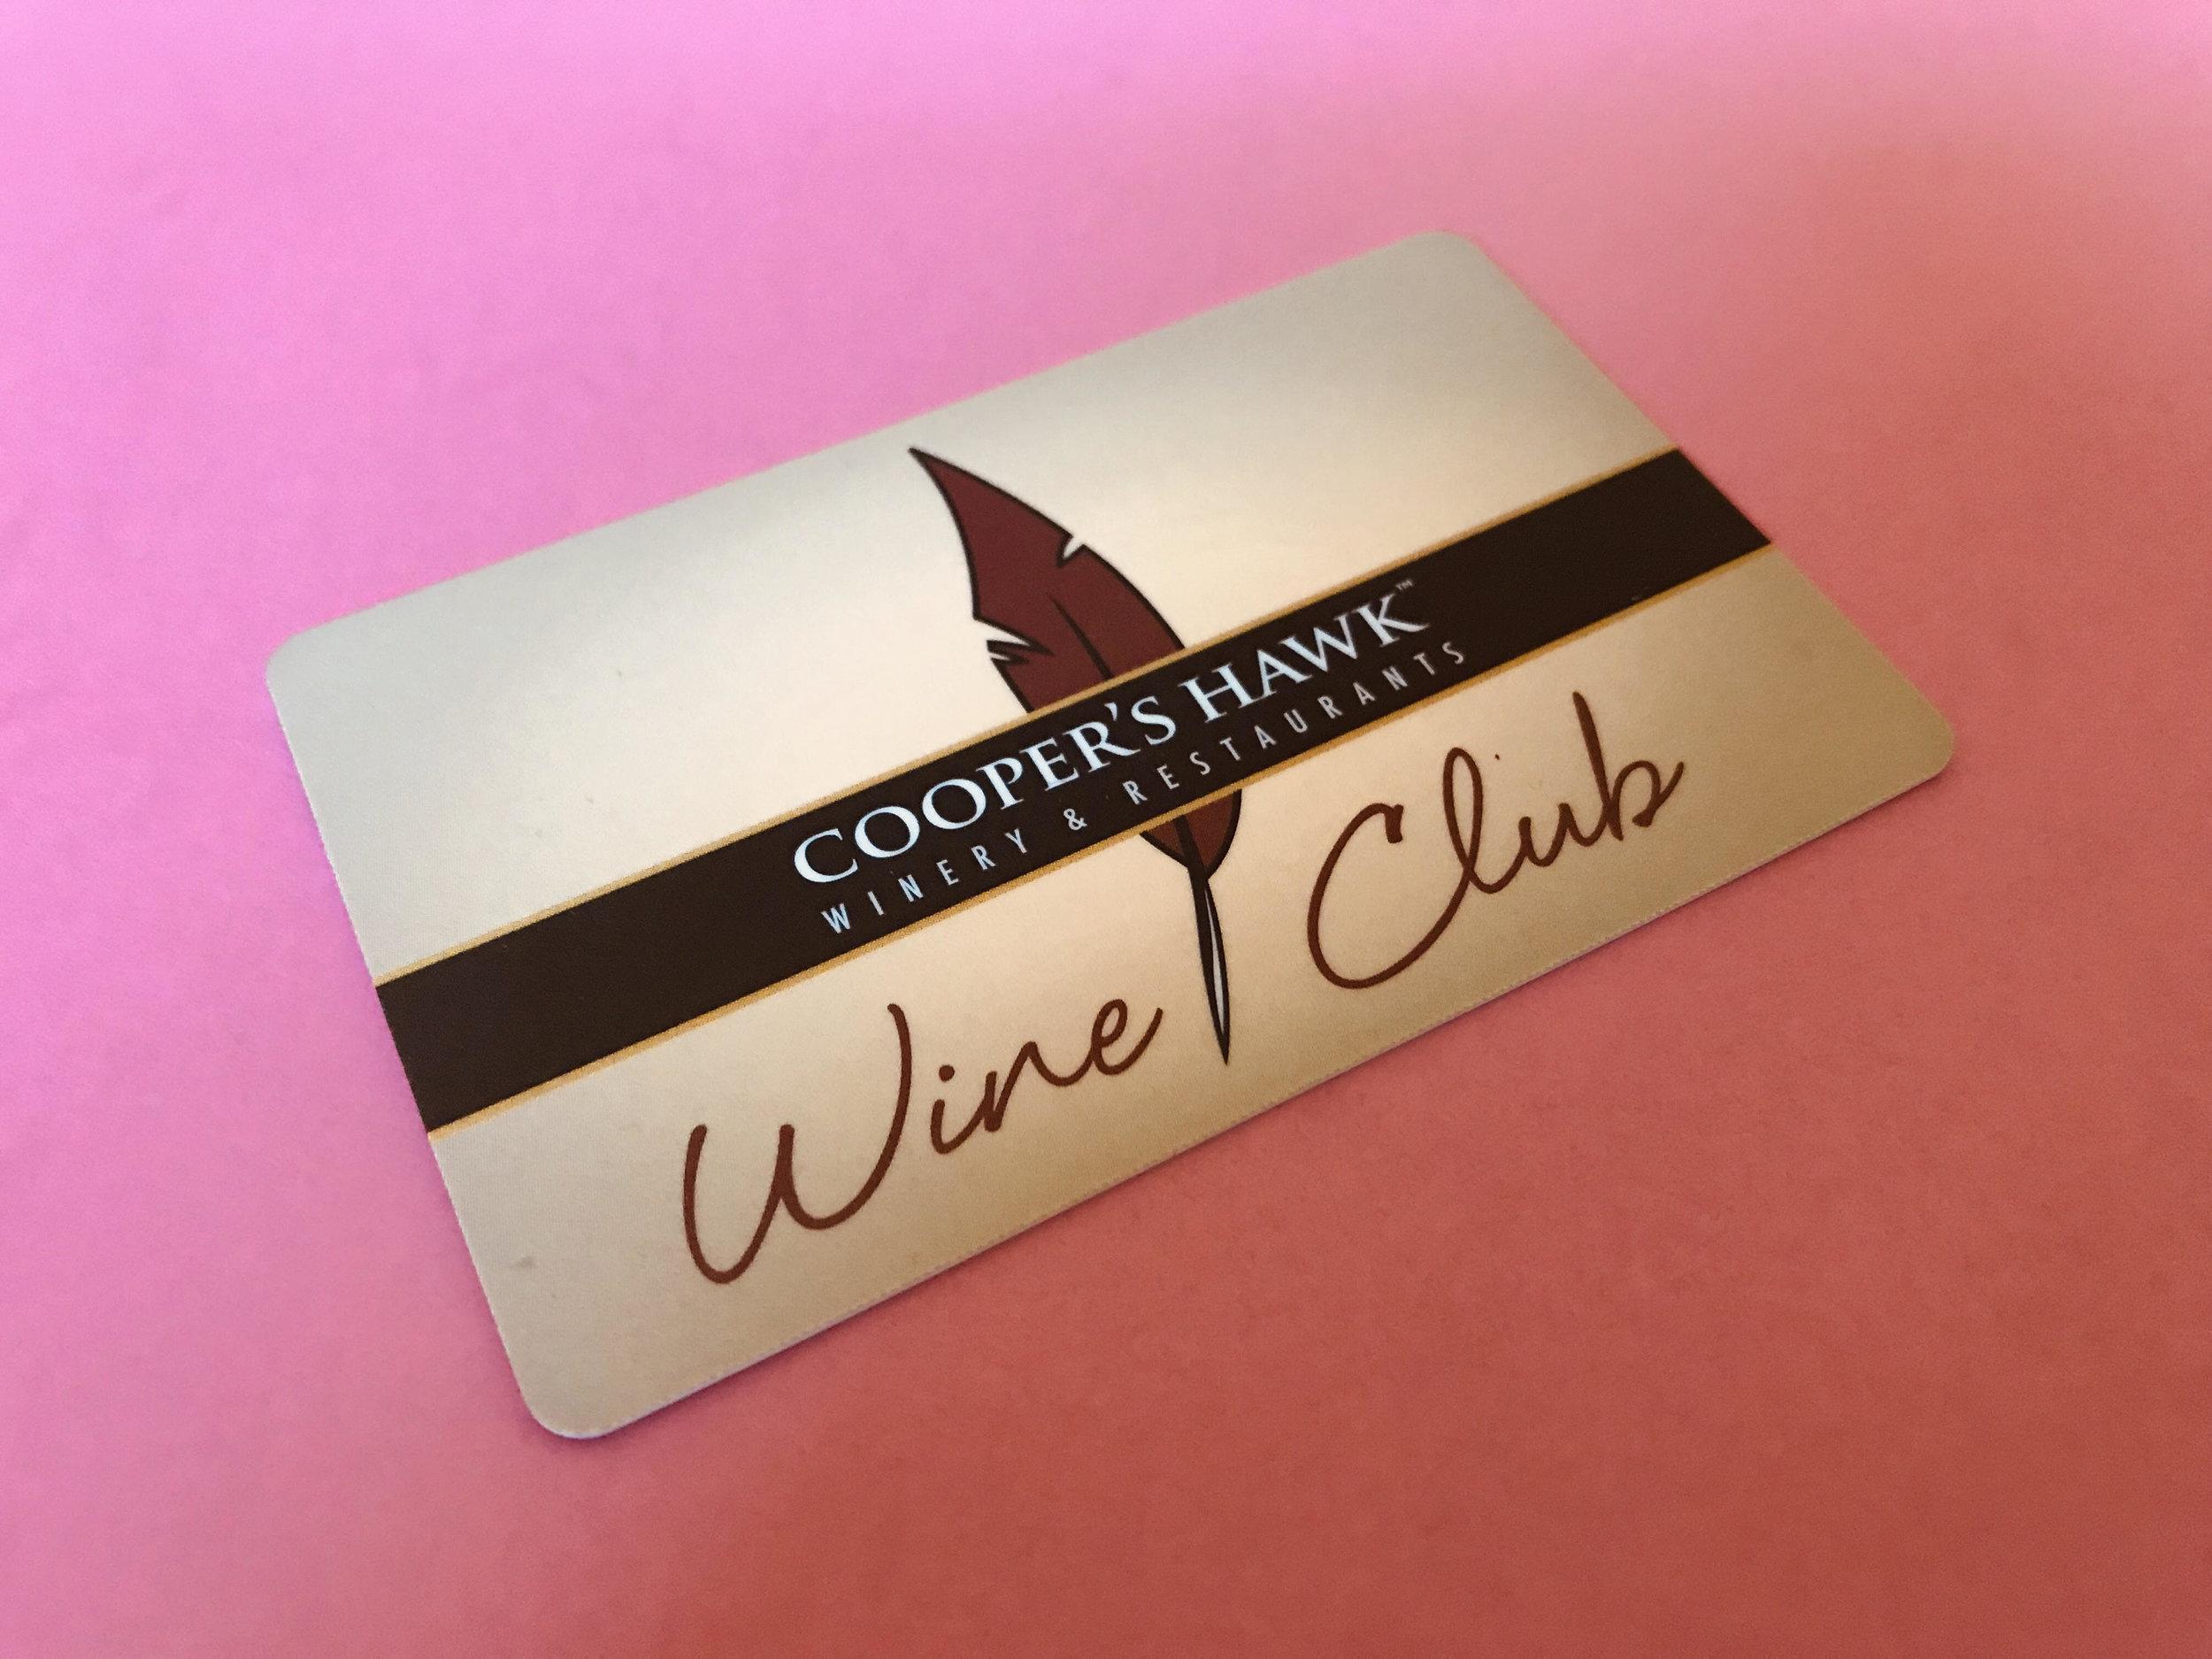 coopers hawk card.jpg